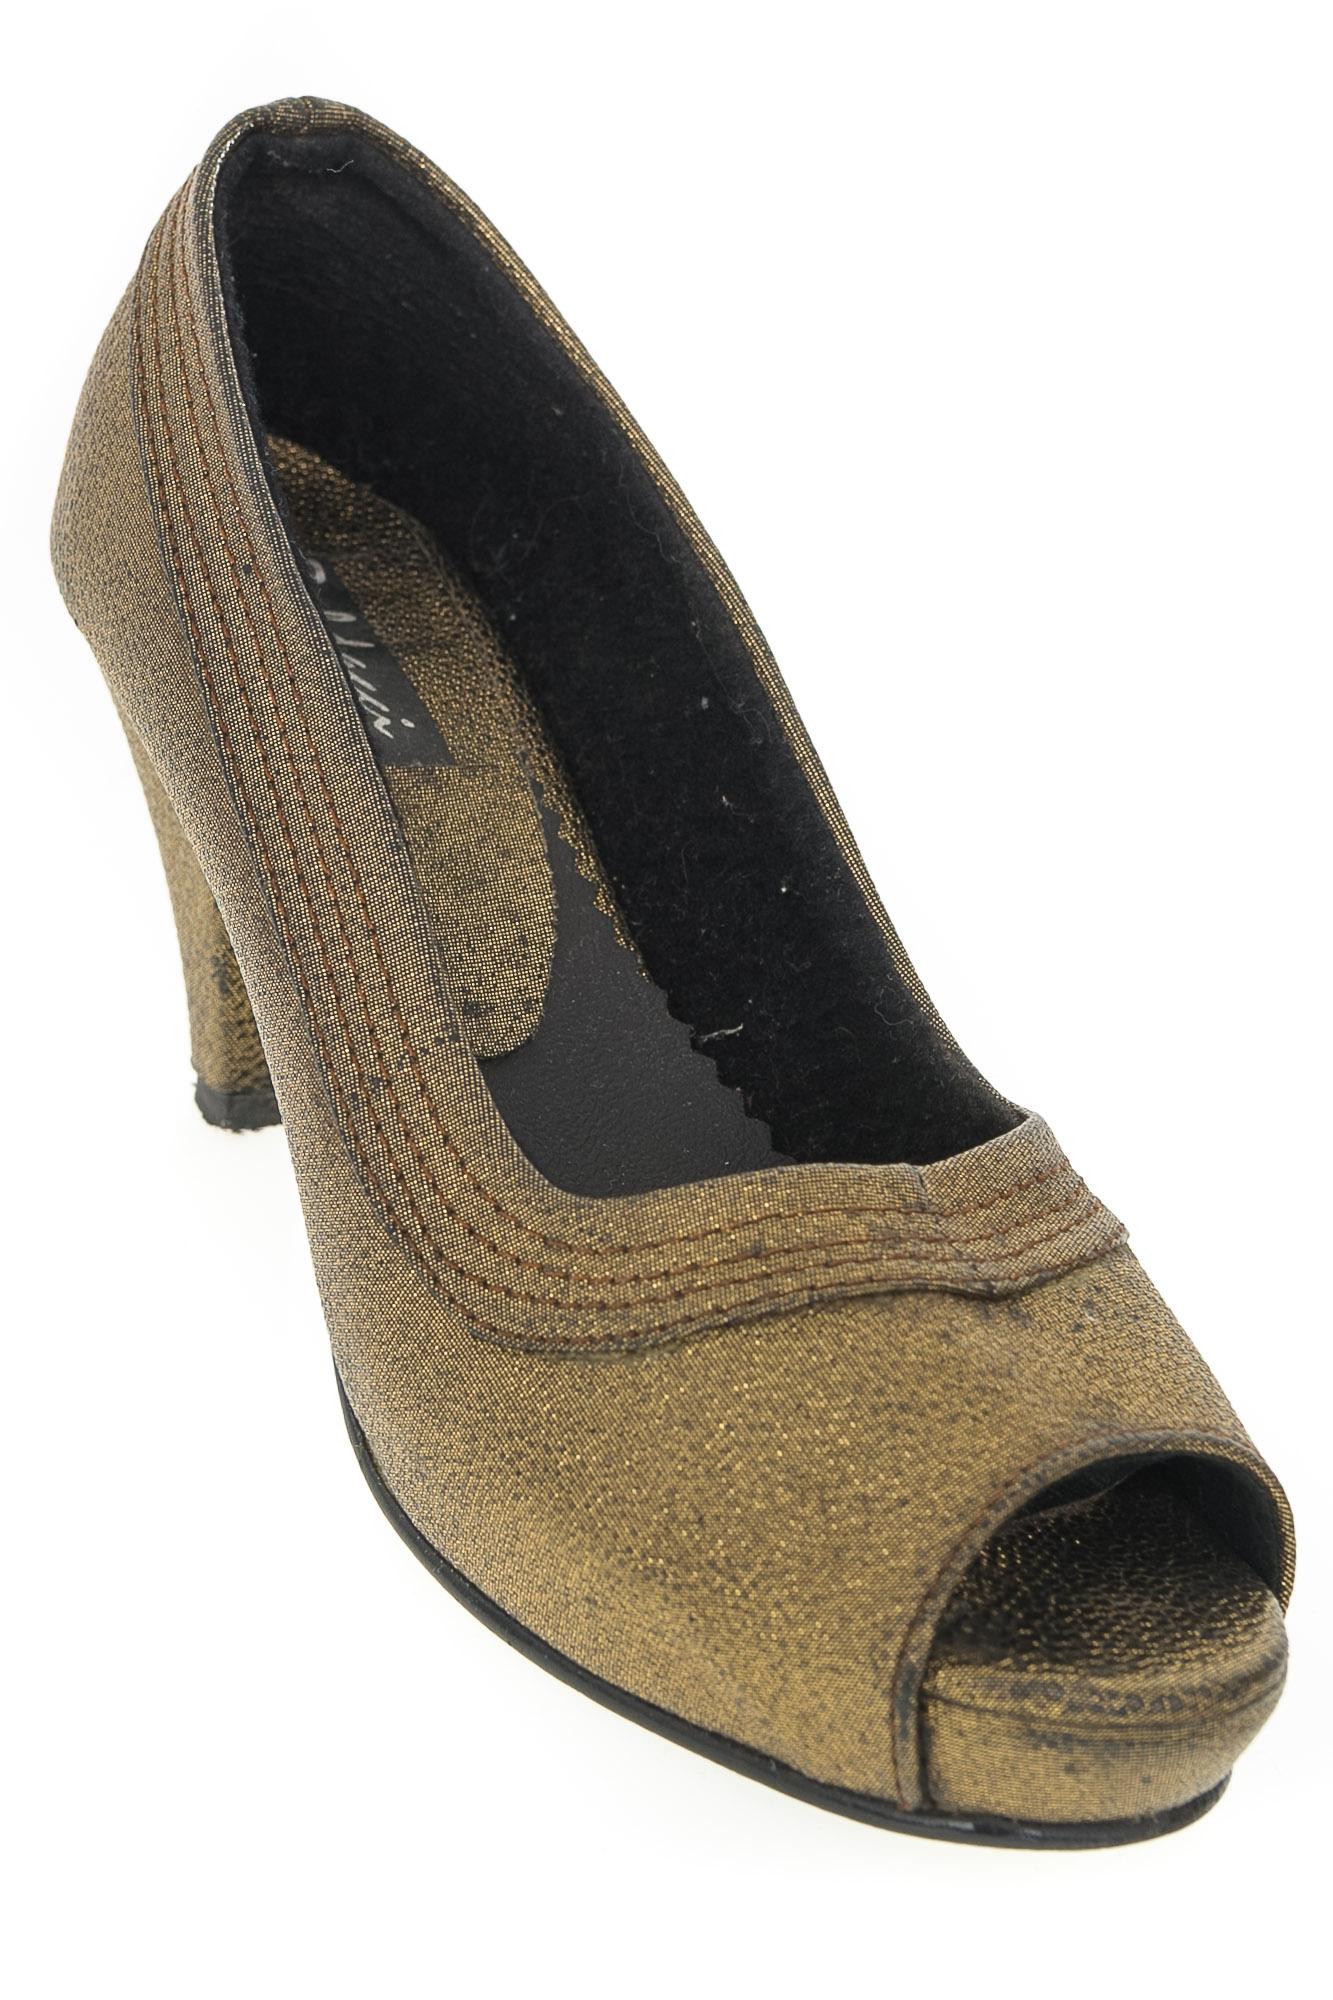 Zapatos Baleta color Dorado - Baldacci